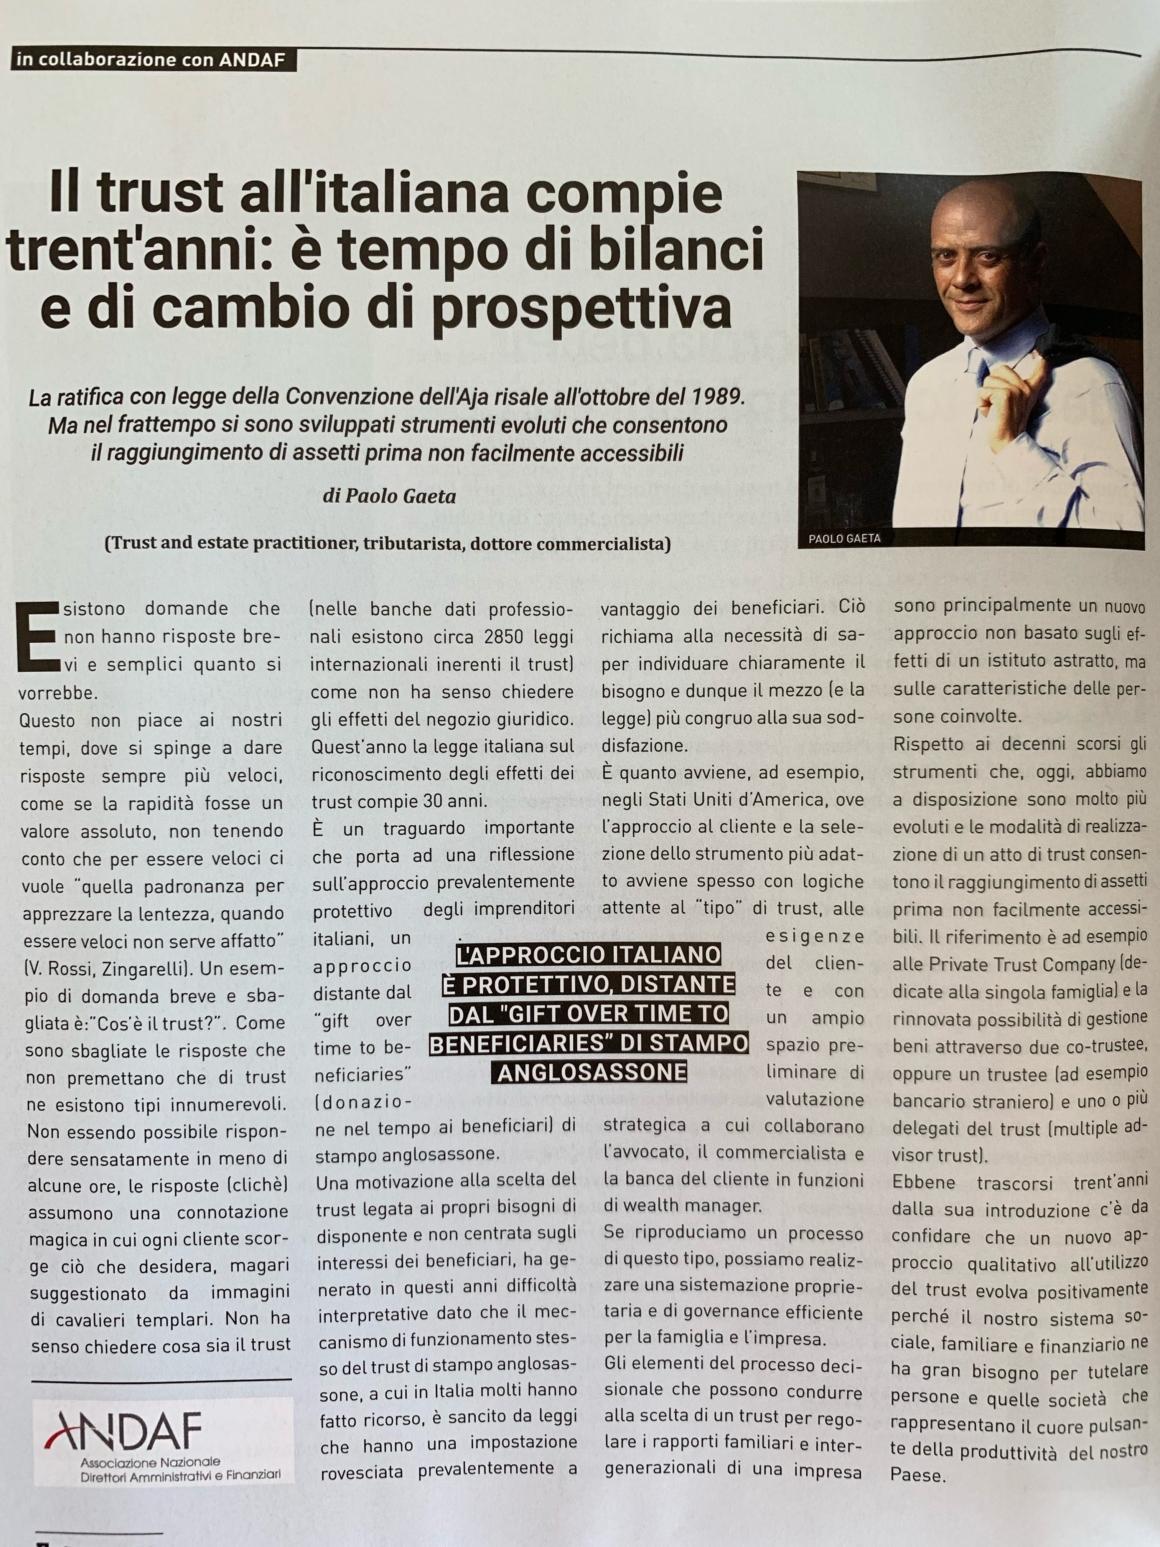 Il trust all'italiana compie trent'anni: è tempo di bilanci e di cambio di prospettiva